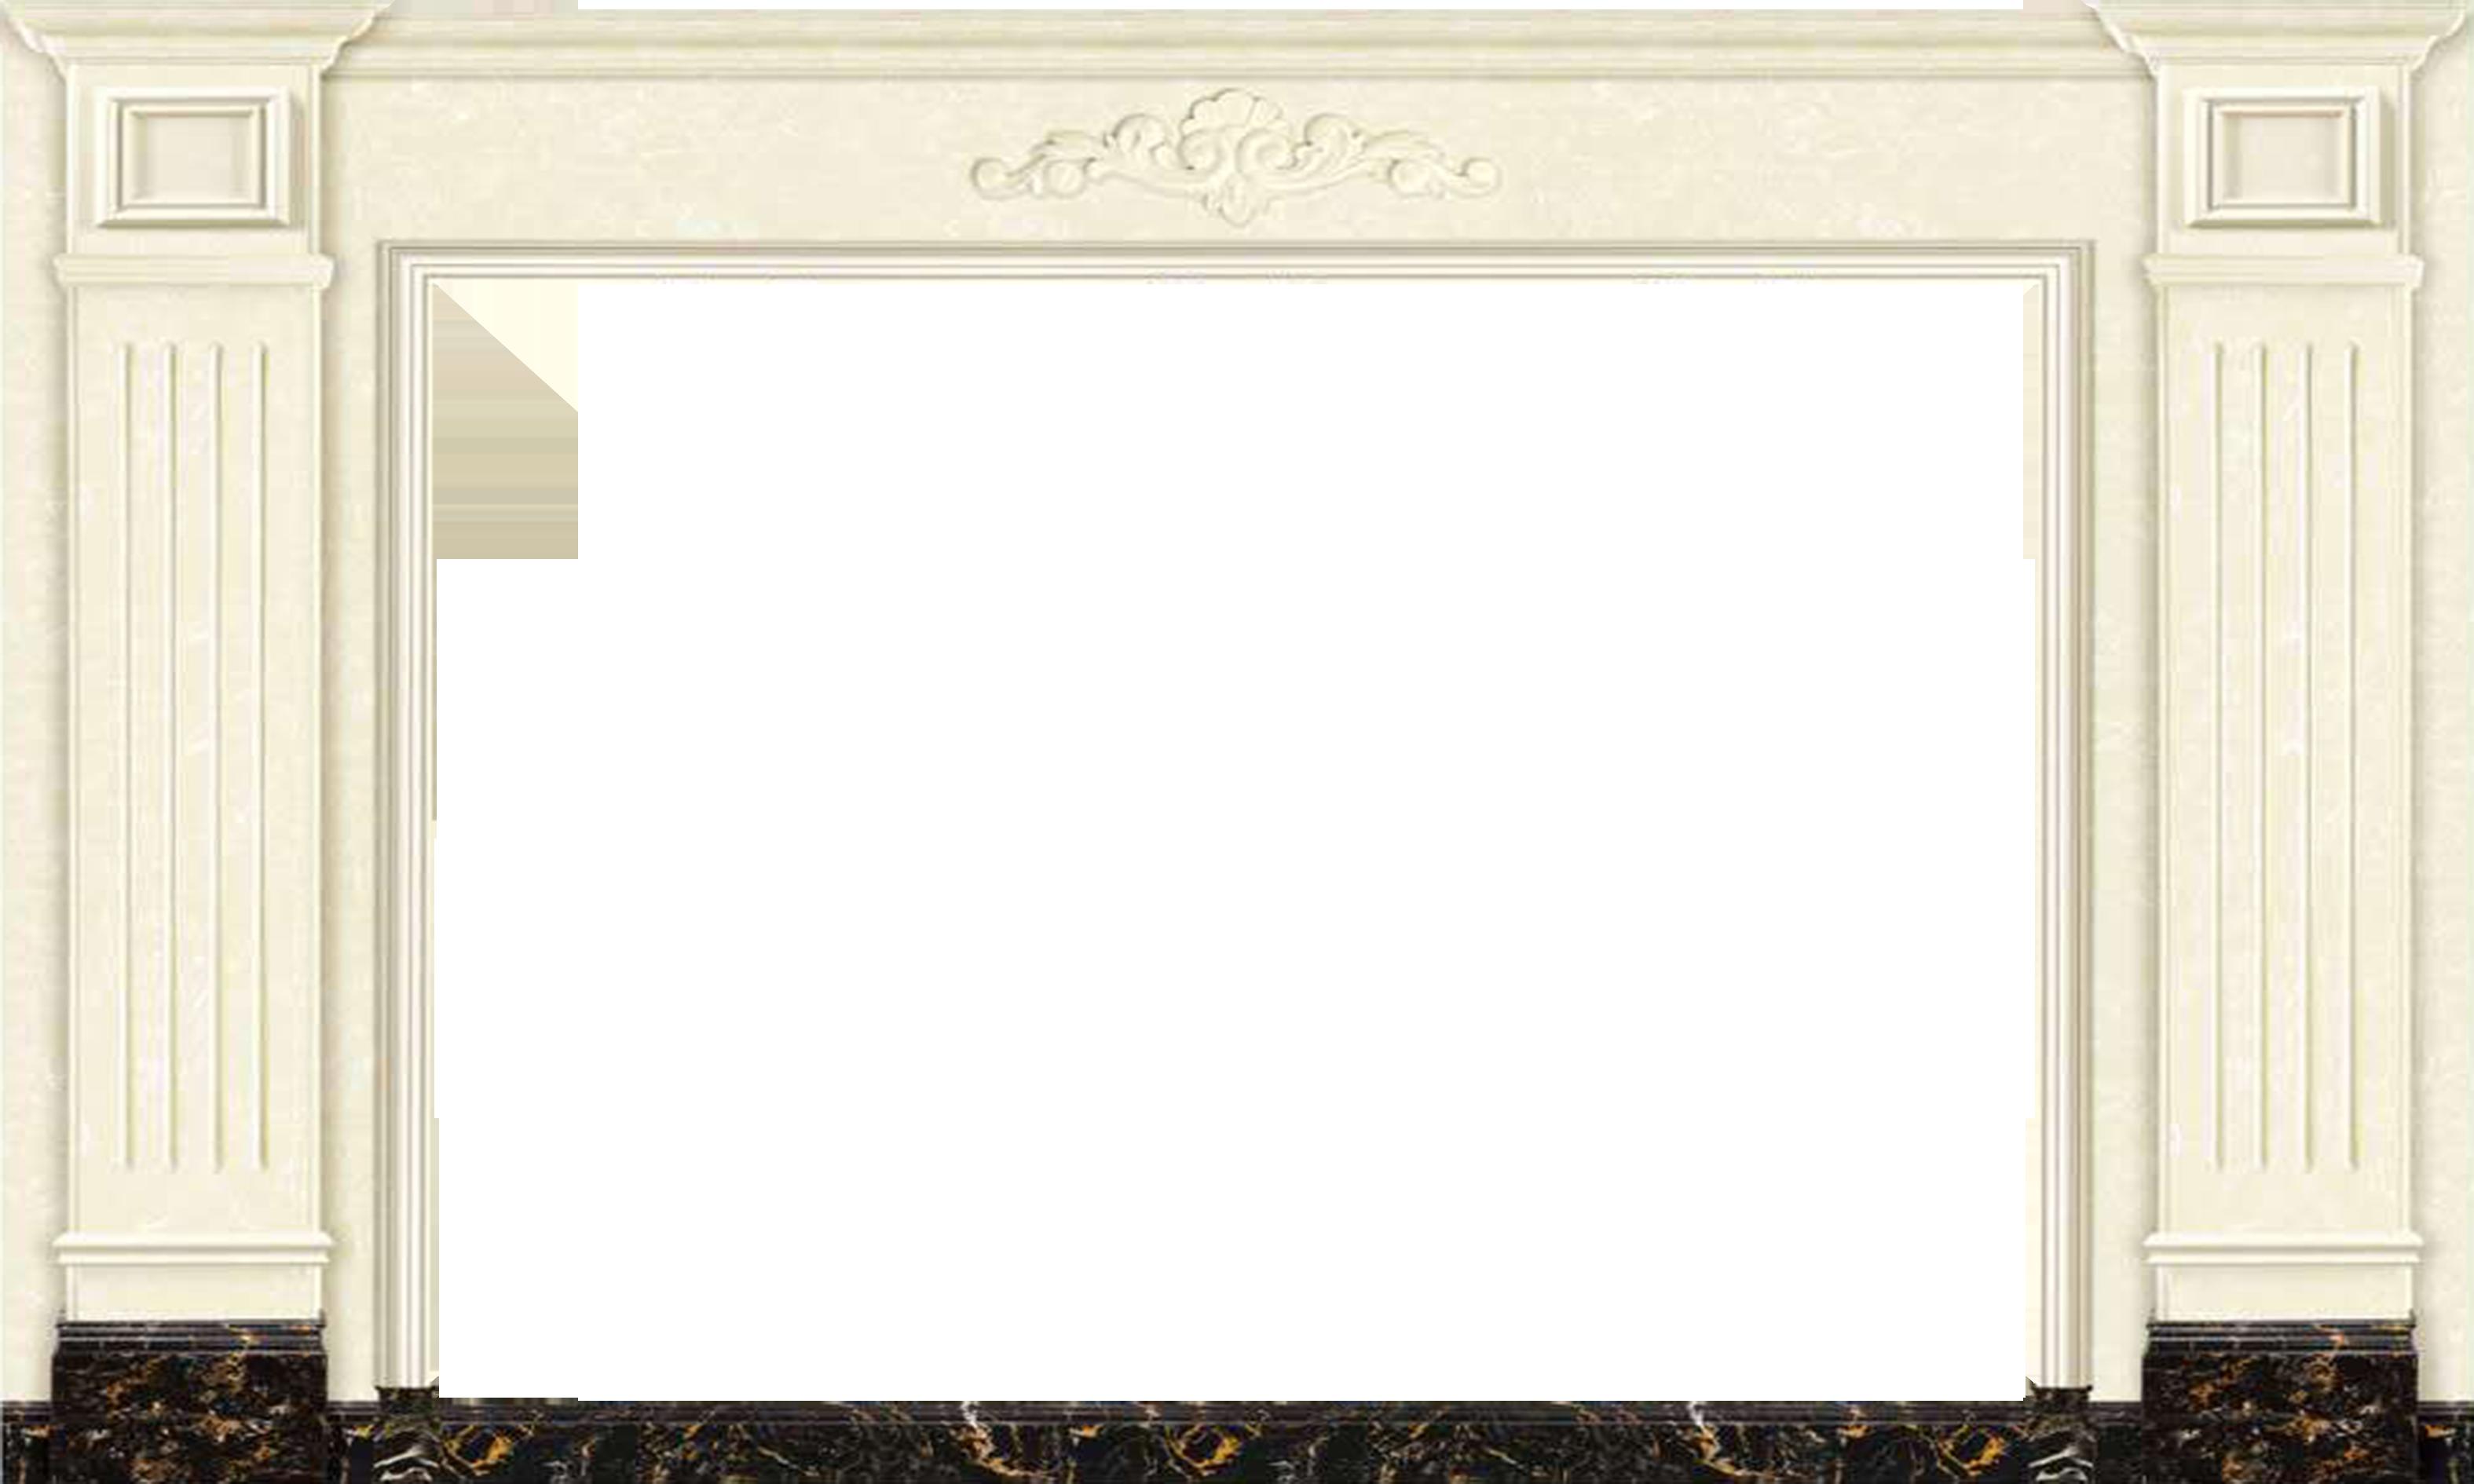 商品价格: 面议 类型:瓷砖配件 本店分类:罗马柱  规格:4500x270